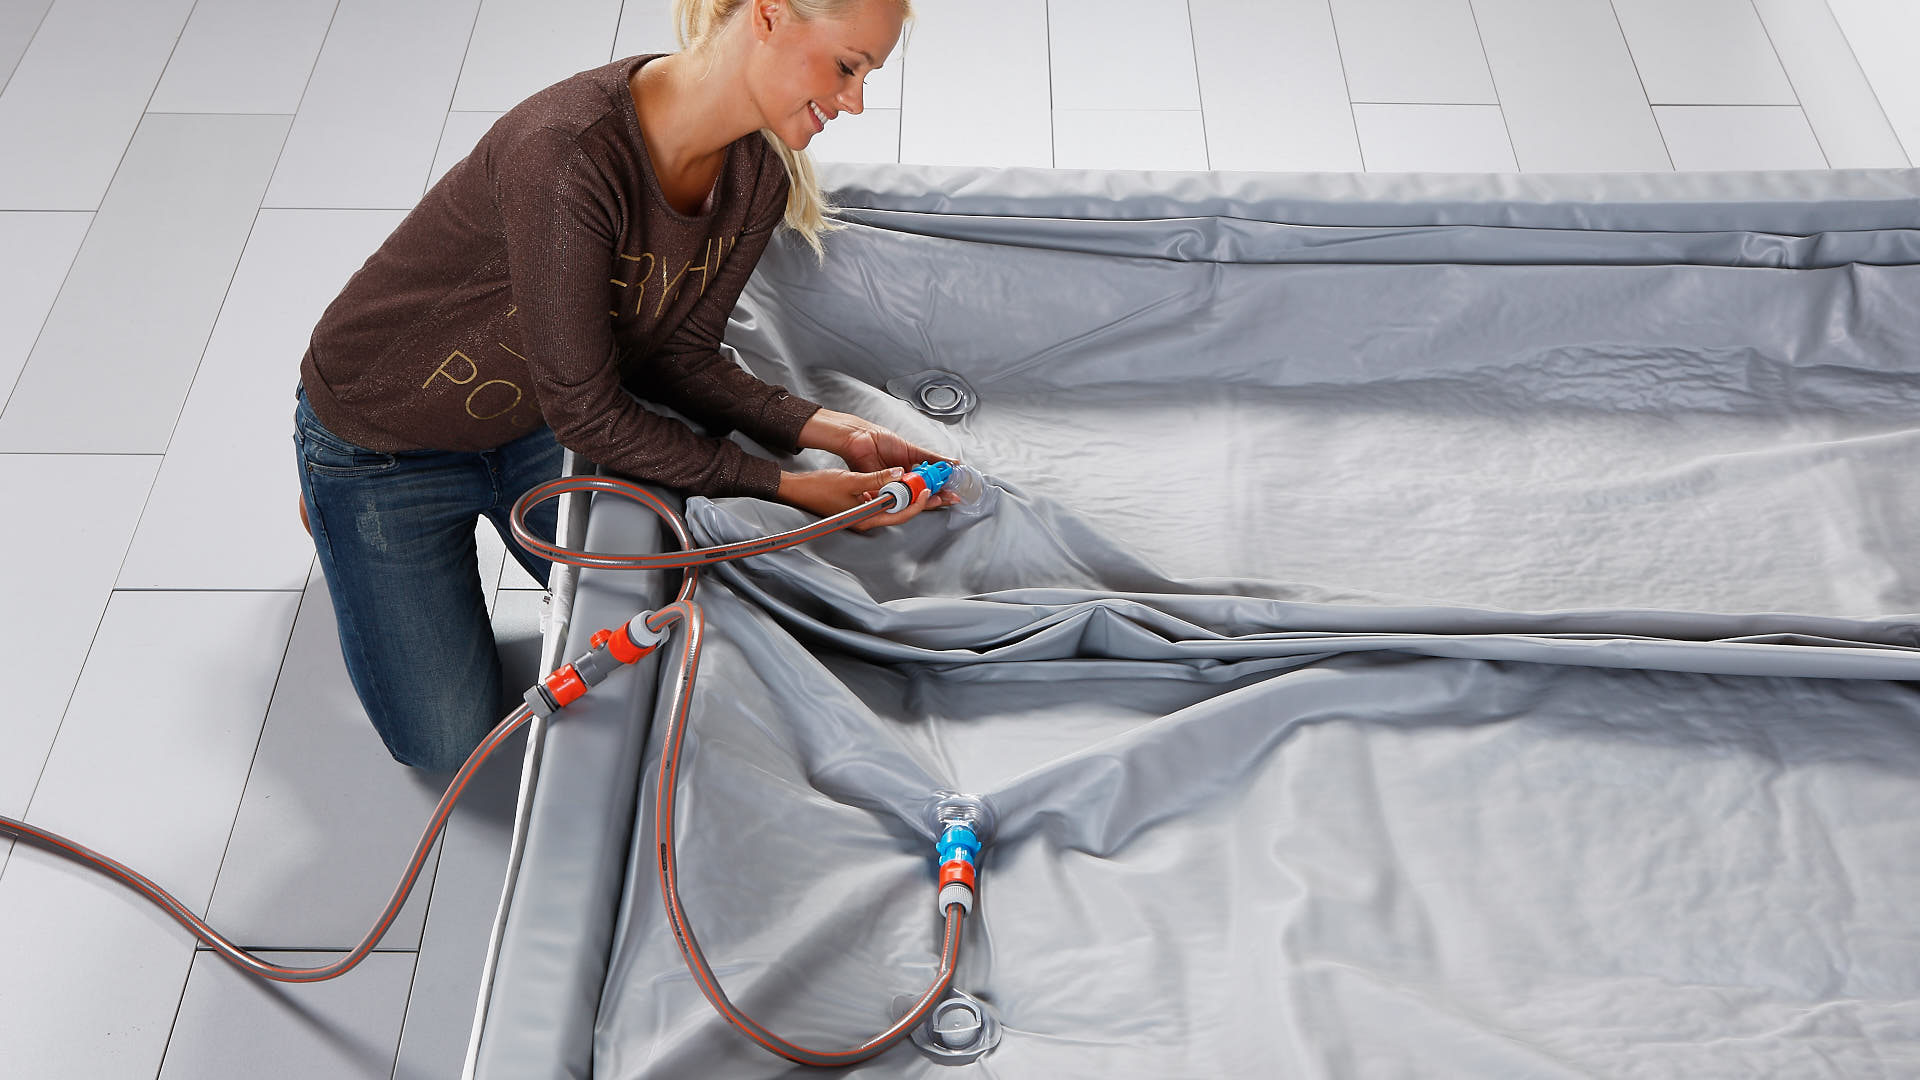 Wasserbettmatratze mit Schlauchset befüllen